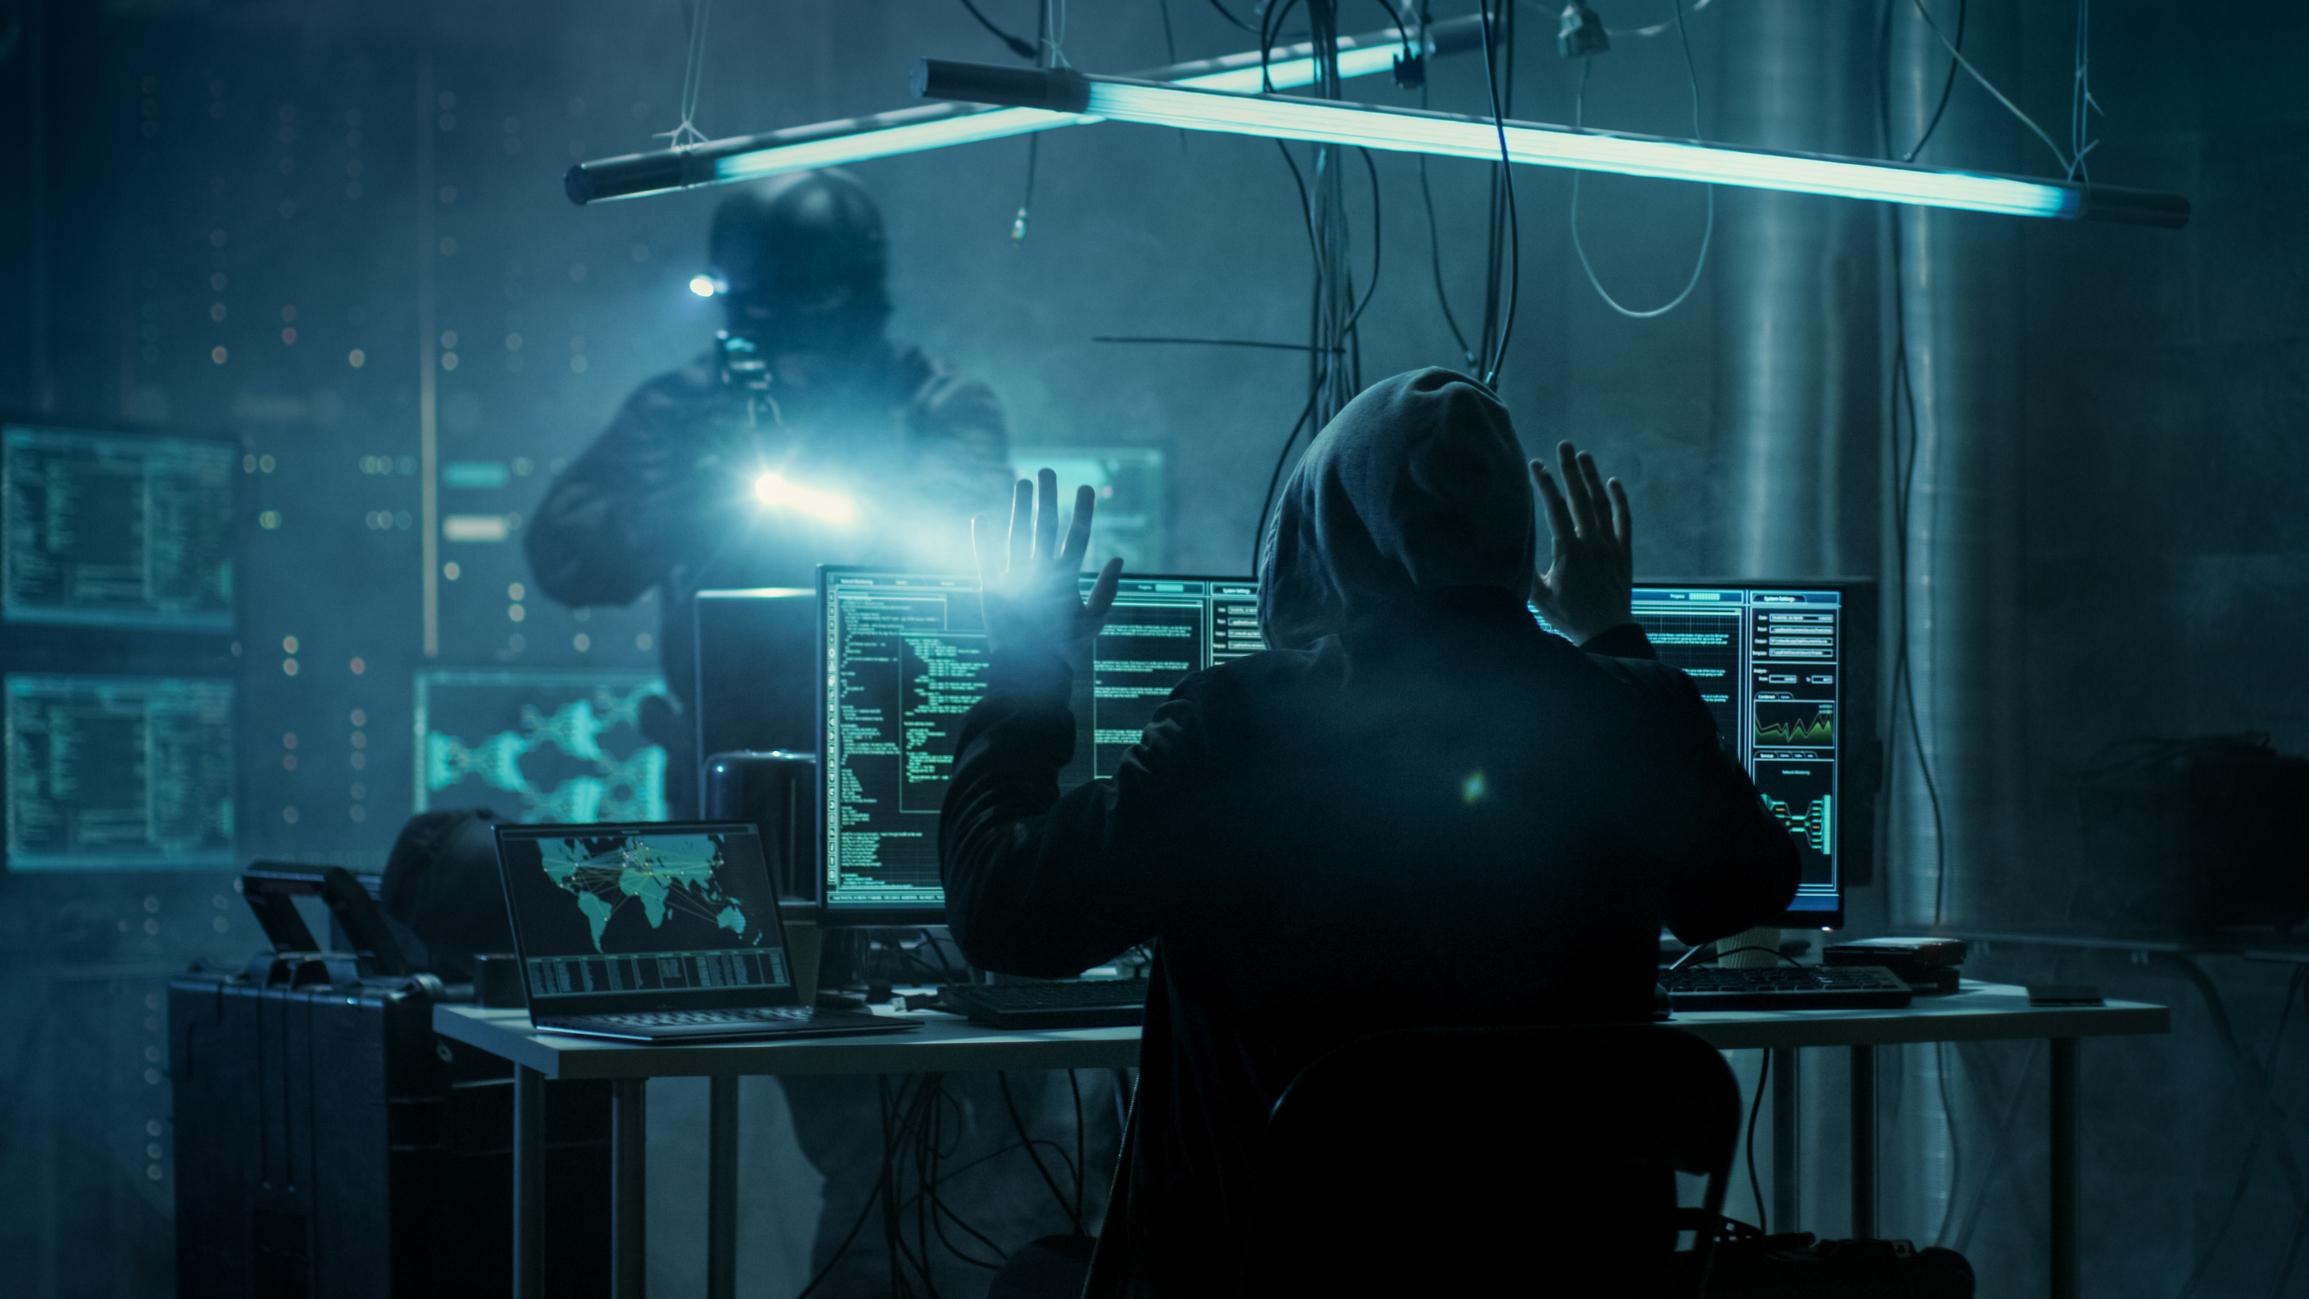 Hình ảnh tên tội phạm Hacker đã bị bắt